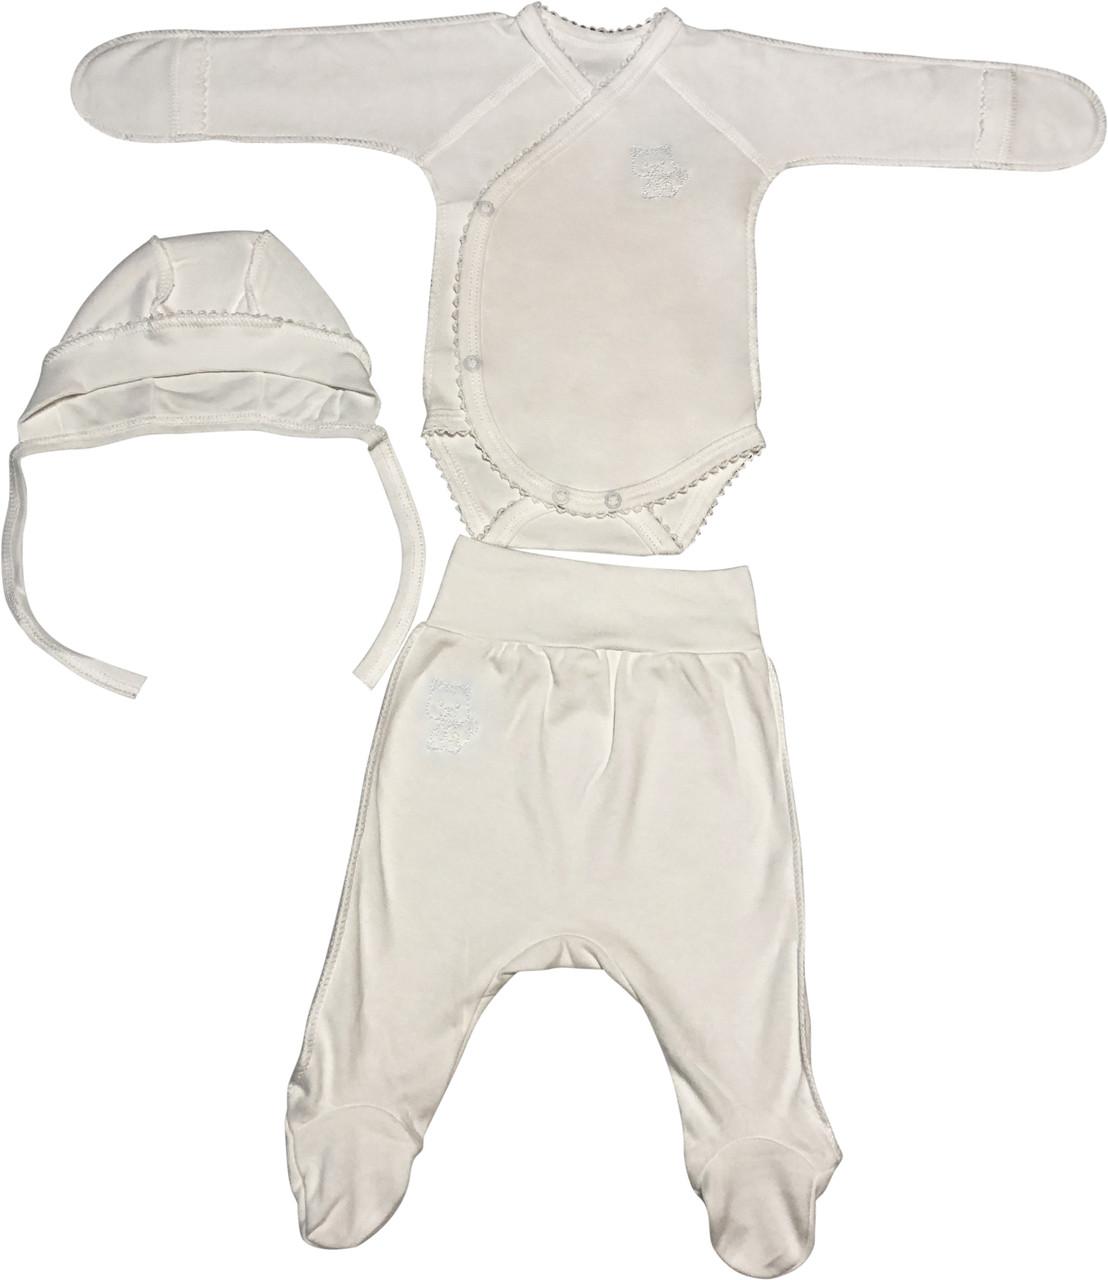 Дитячий костюм зростання 62 (2-3 міс.) інтерлок молочний на хлопчика/дівчинку (комплект на виписку) для